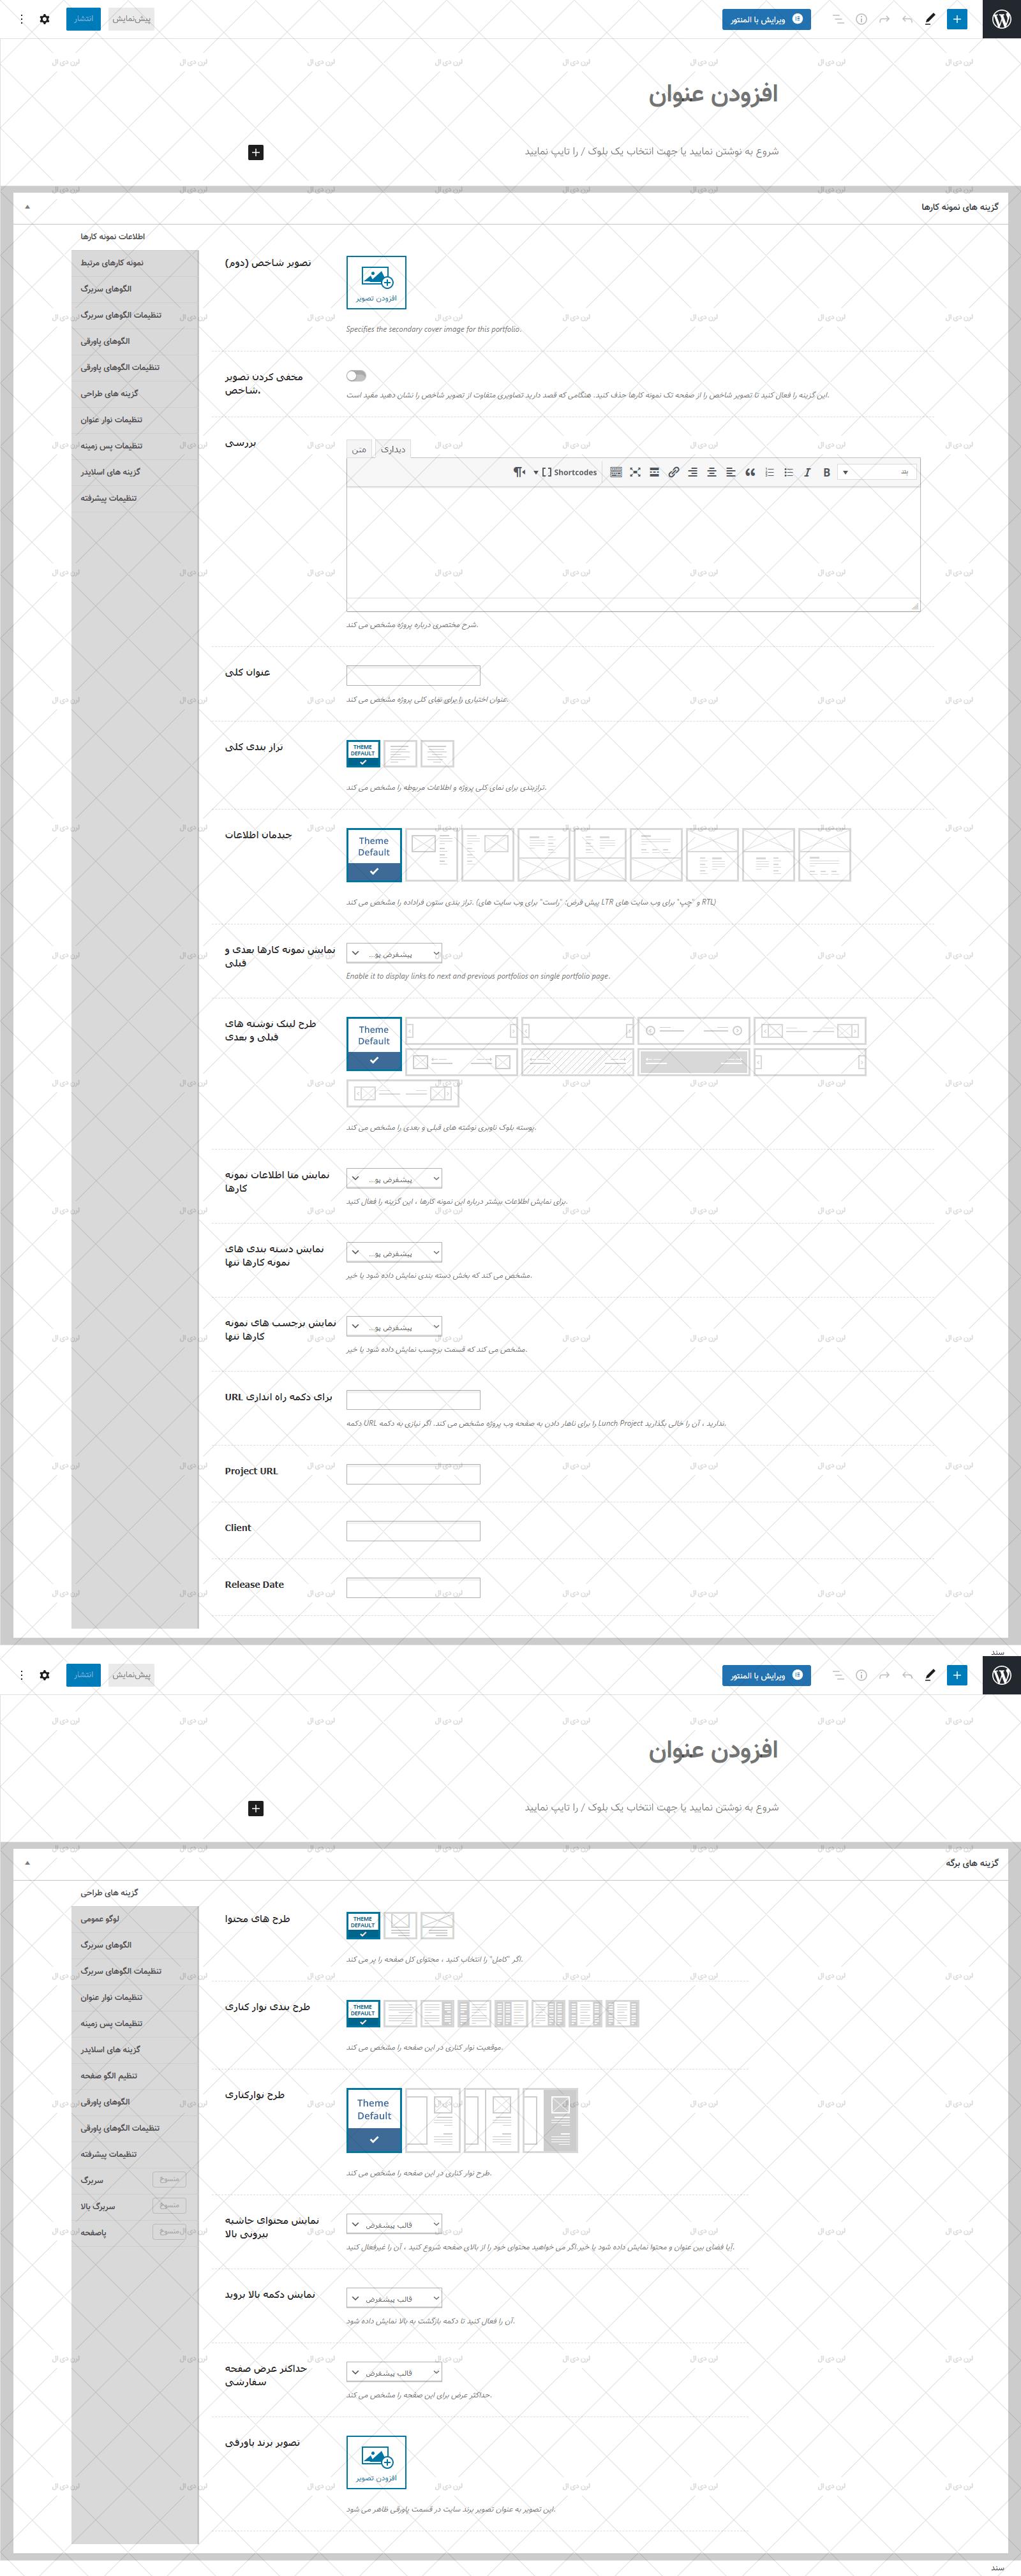 دانلود نسخه فارسی شده قالب وردپرس Phlox Pro